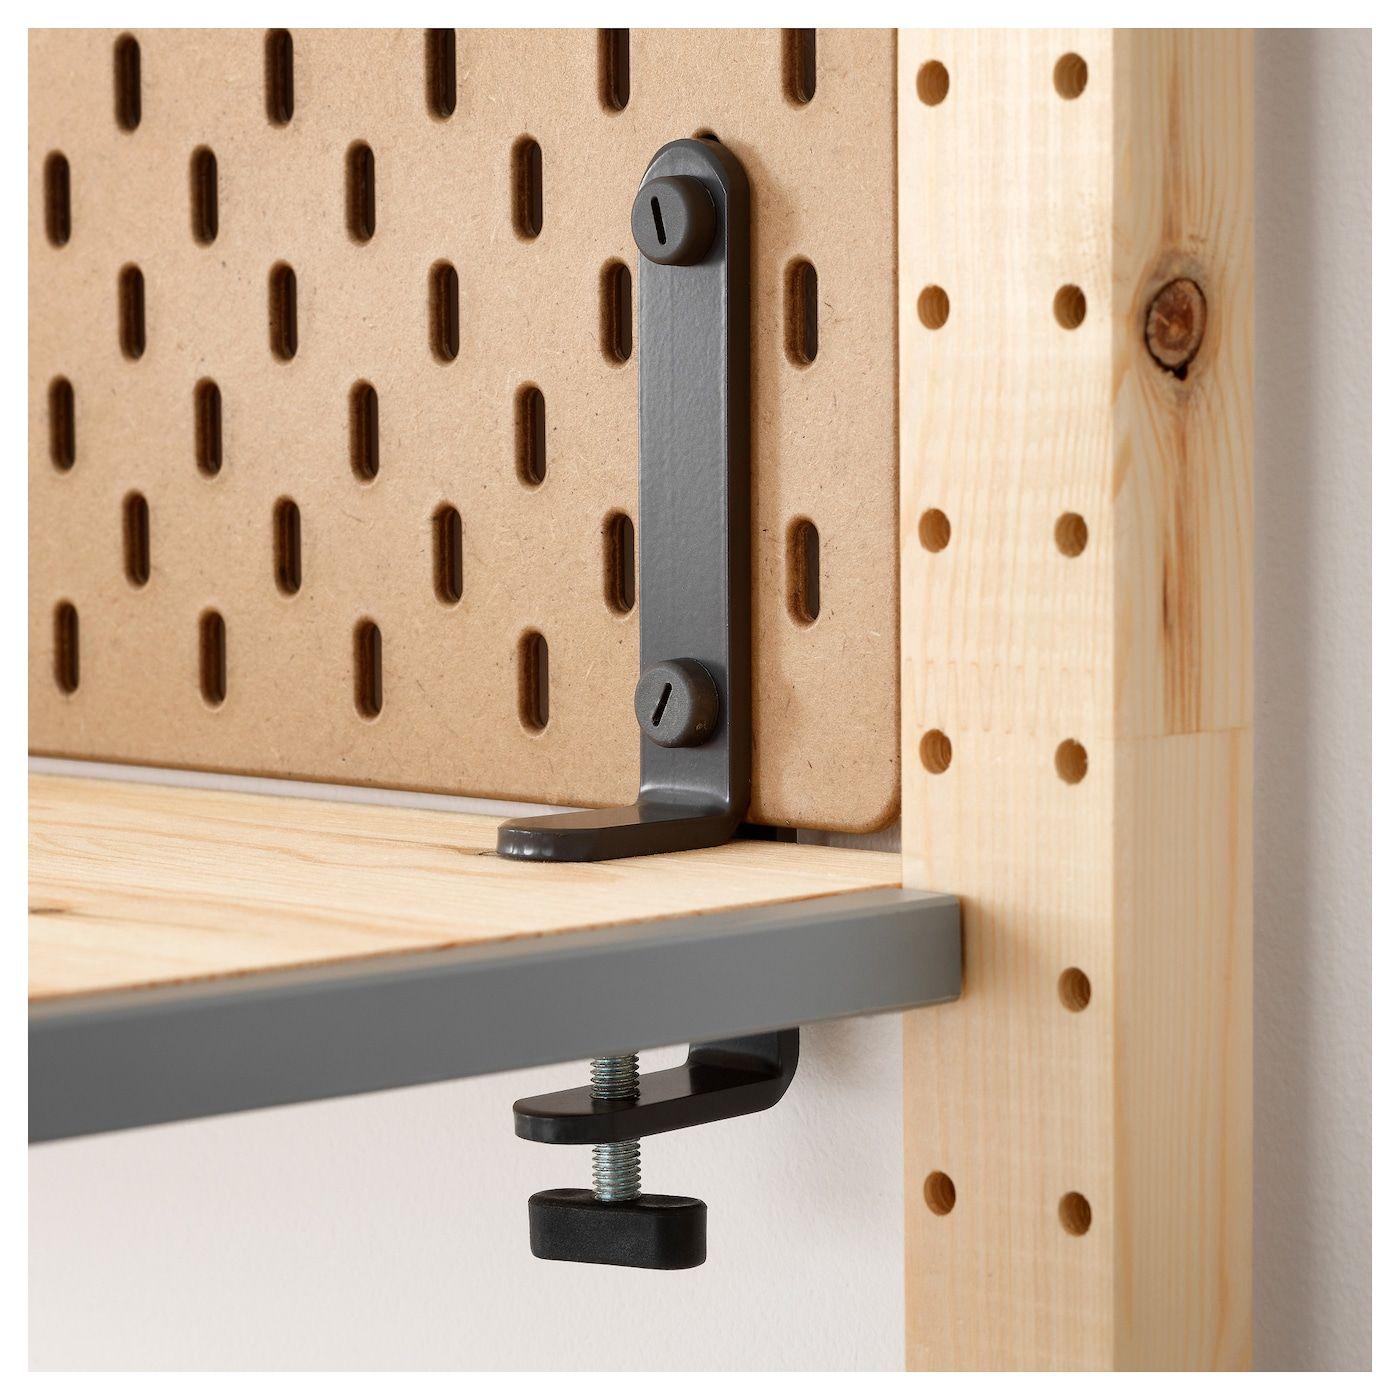 Skadis Conector Gris In 2020 Mit Bildern Schreibtisch Selber Bauen Ikea Skadis Lochplatte